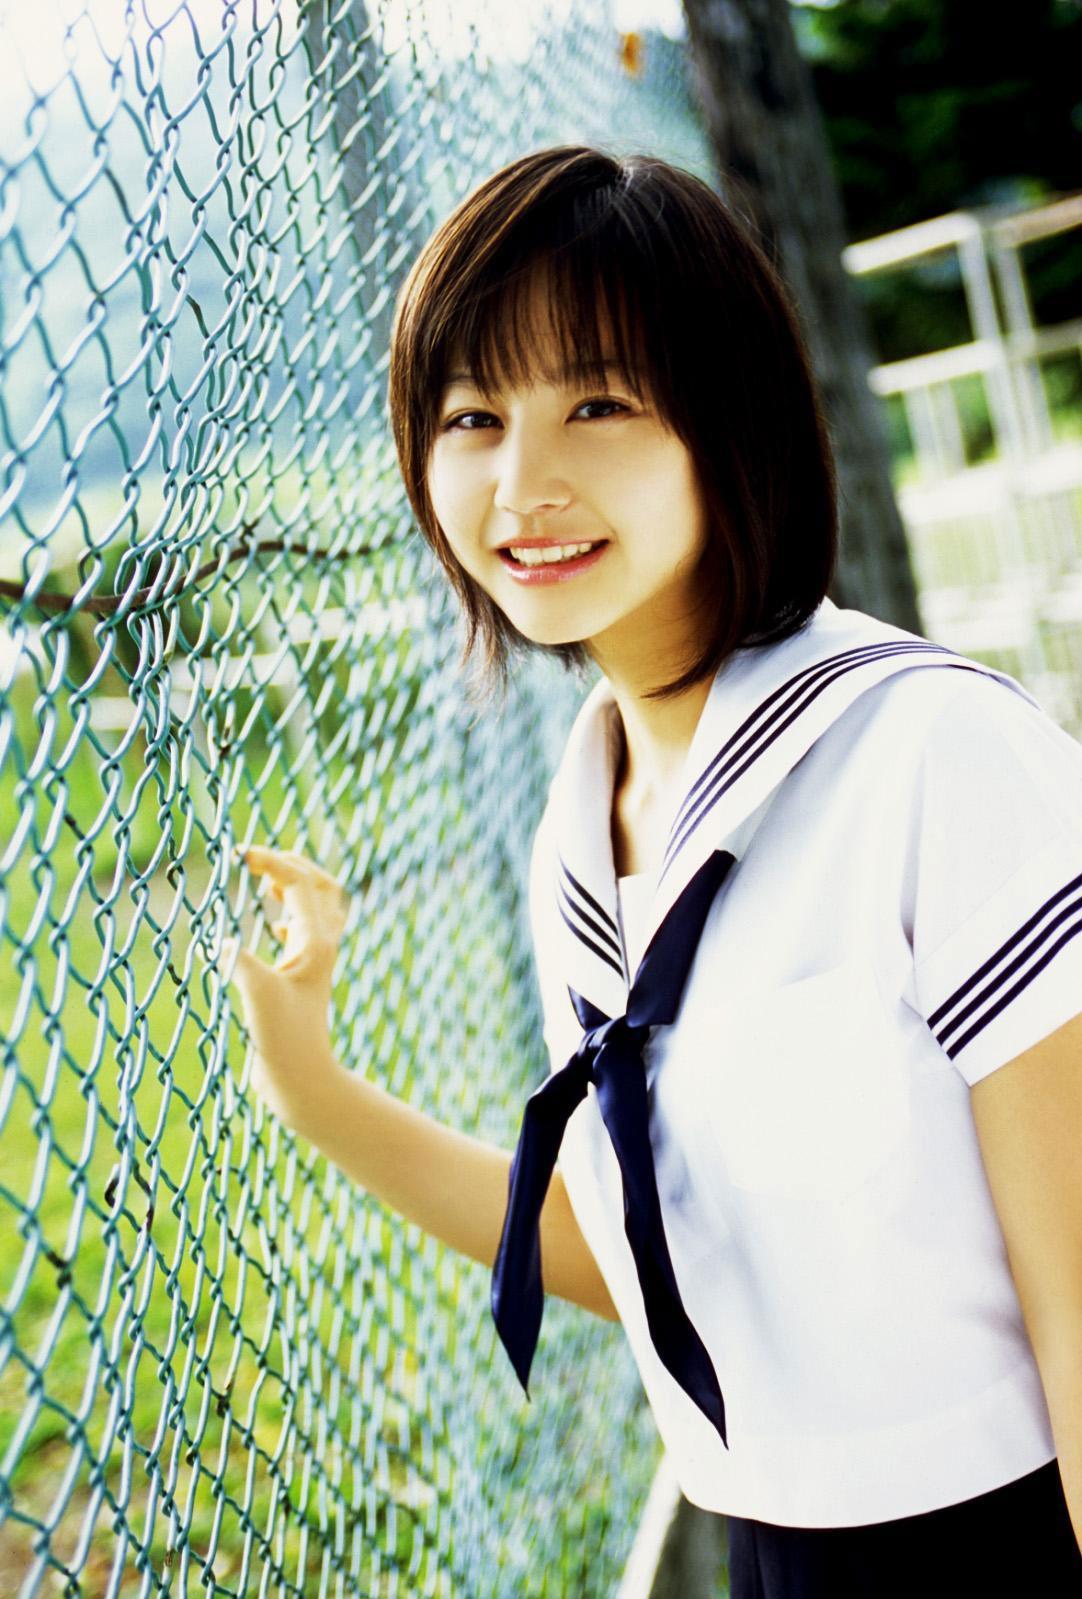 貴族學生妹J圖: 非常可愛 美麗 巨乳 學生妹